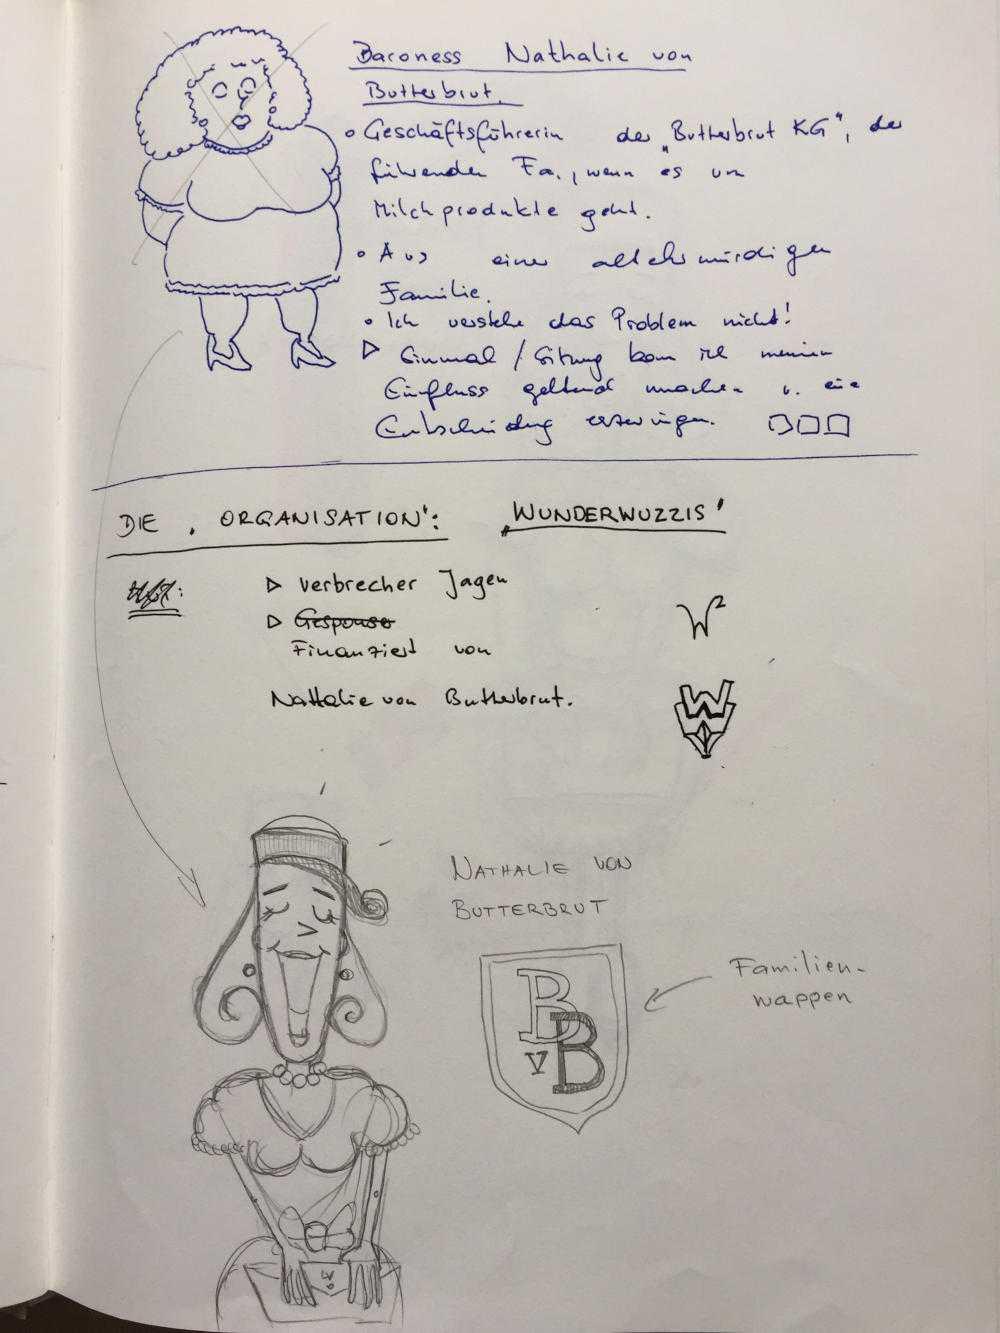 Foto aus dem Notizbuch zum Spiel